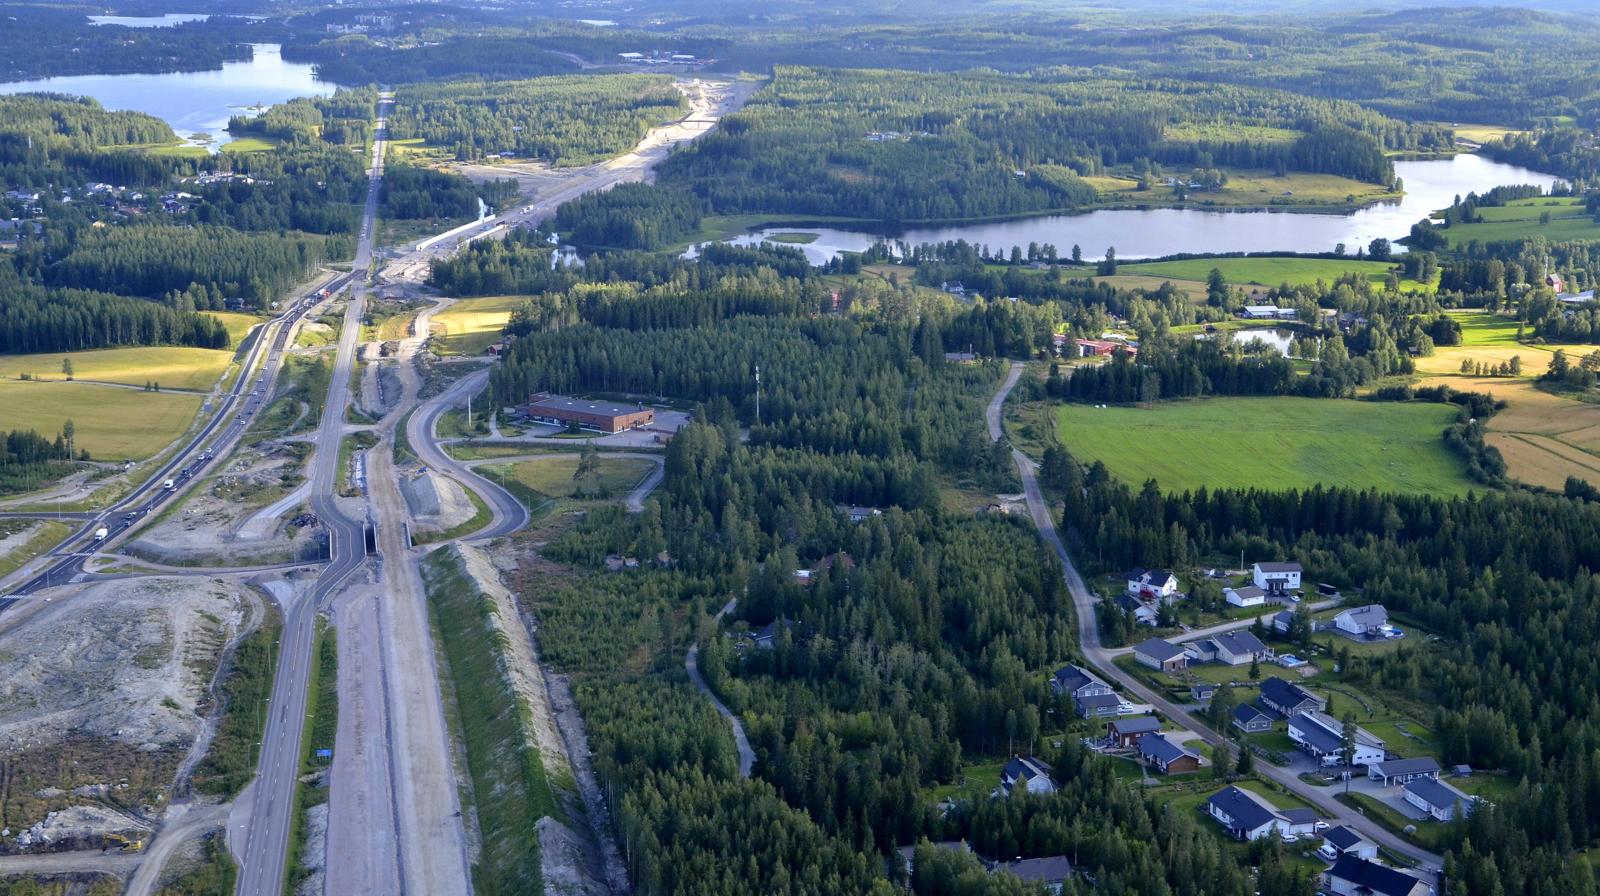 Puuppolaa, vasemmalla näkyy Alvajärvi.